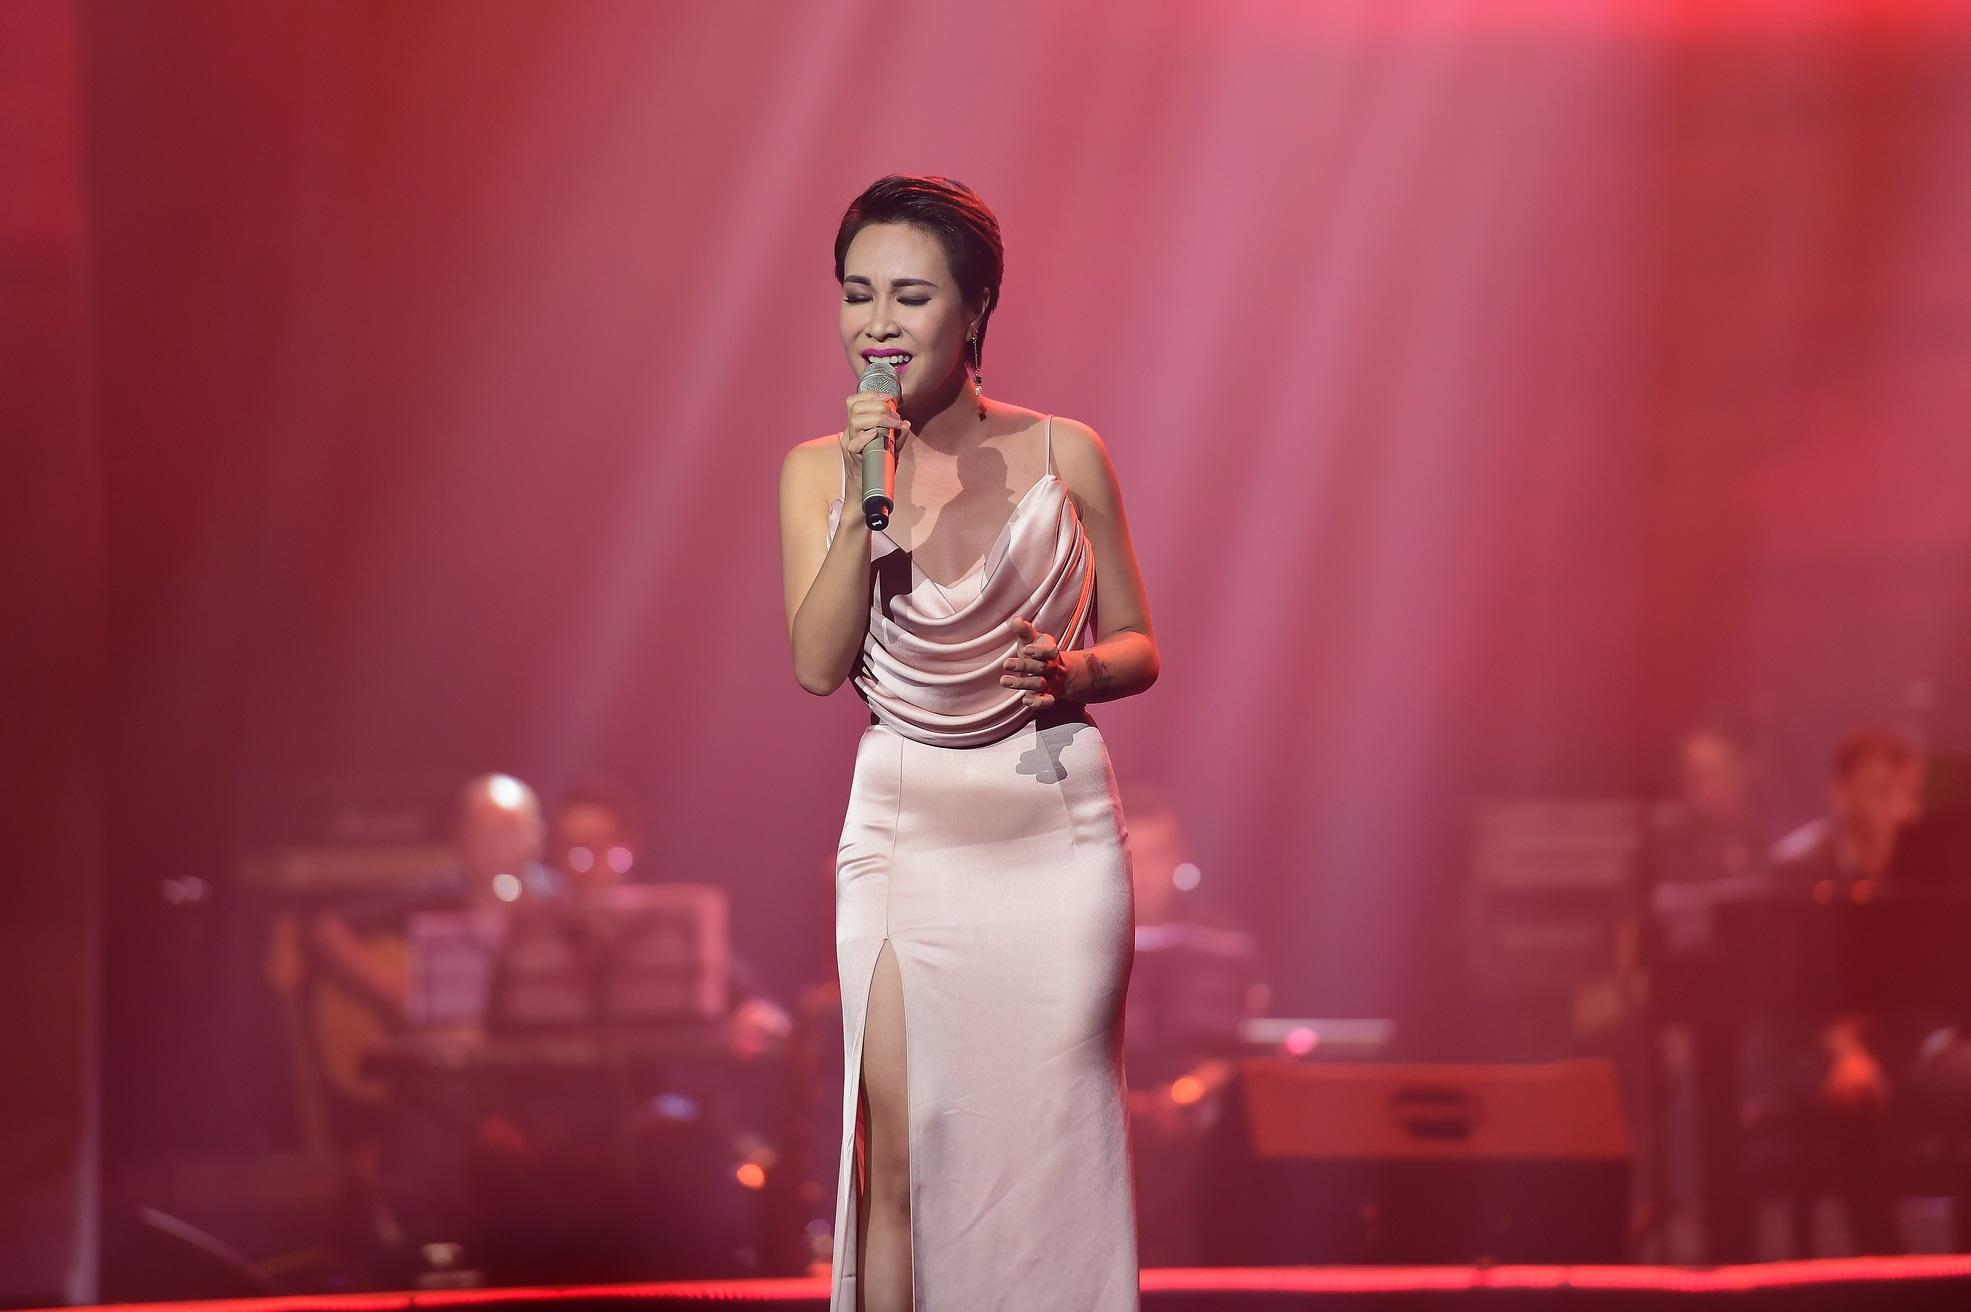 Uyên Linh vẫn cuốn hút bởi giọng hát  quyến rũ, lả lơi trong âm nhạc